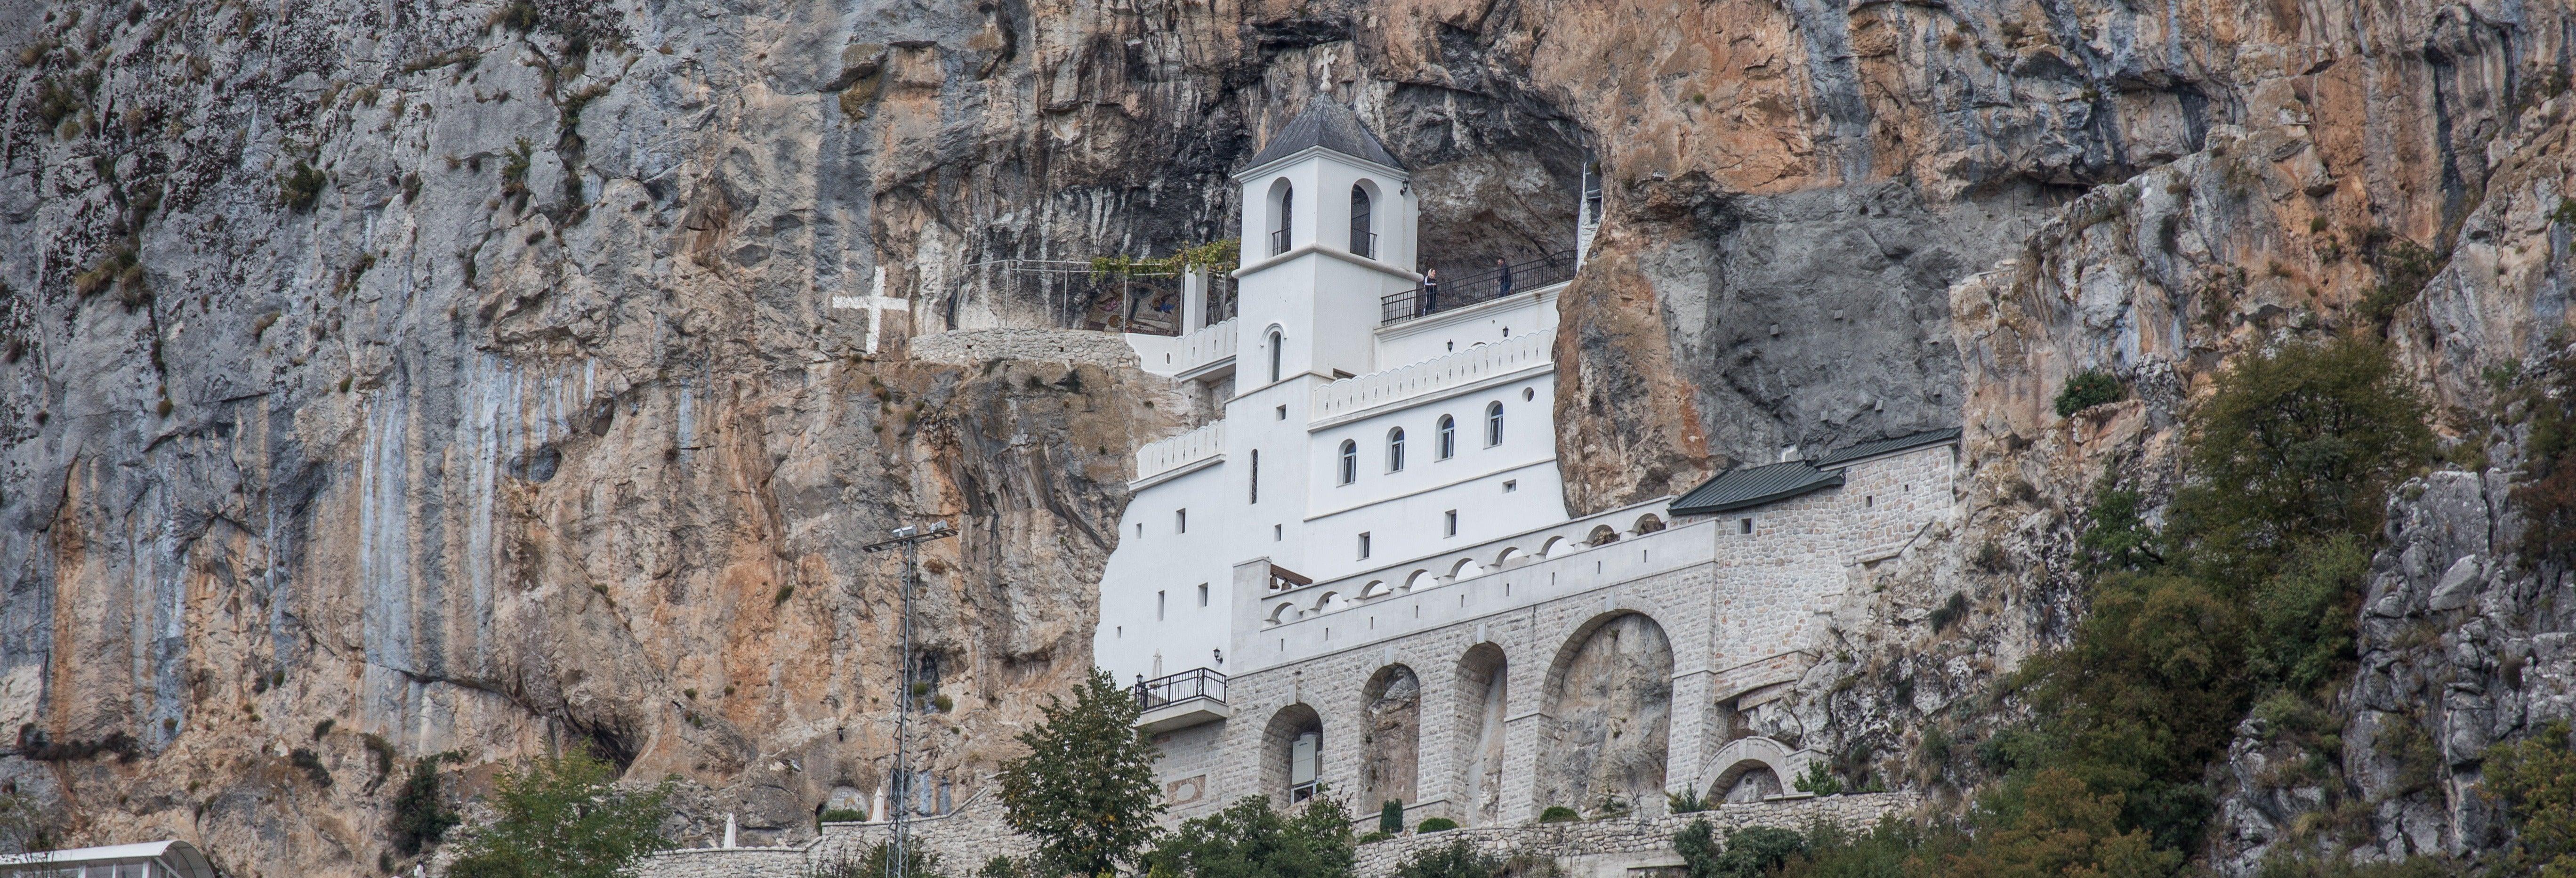 Excursión al monasterio de Ostrog